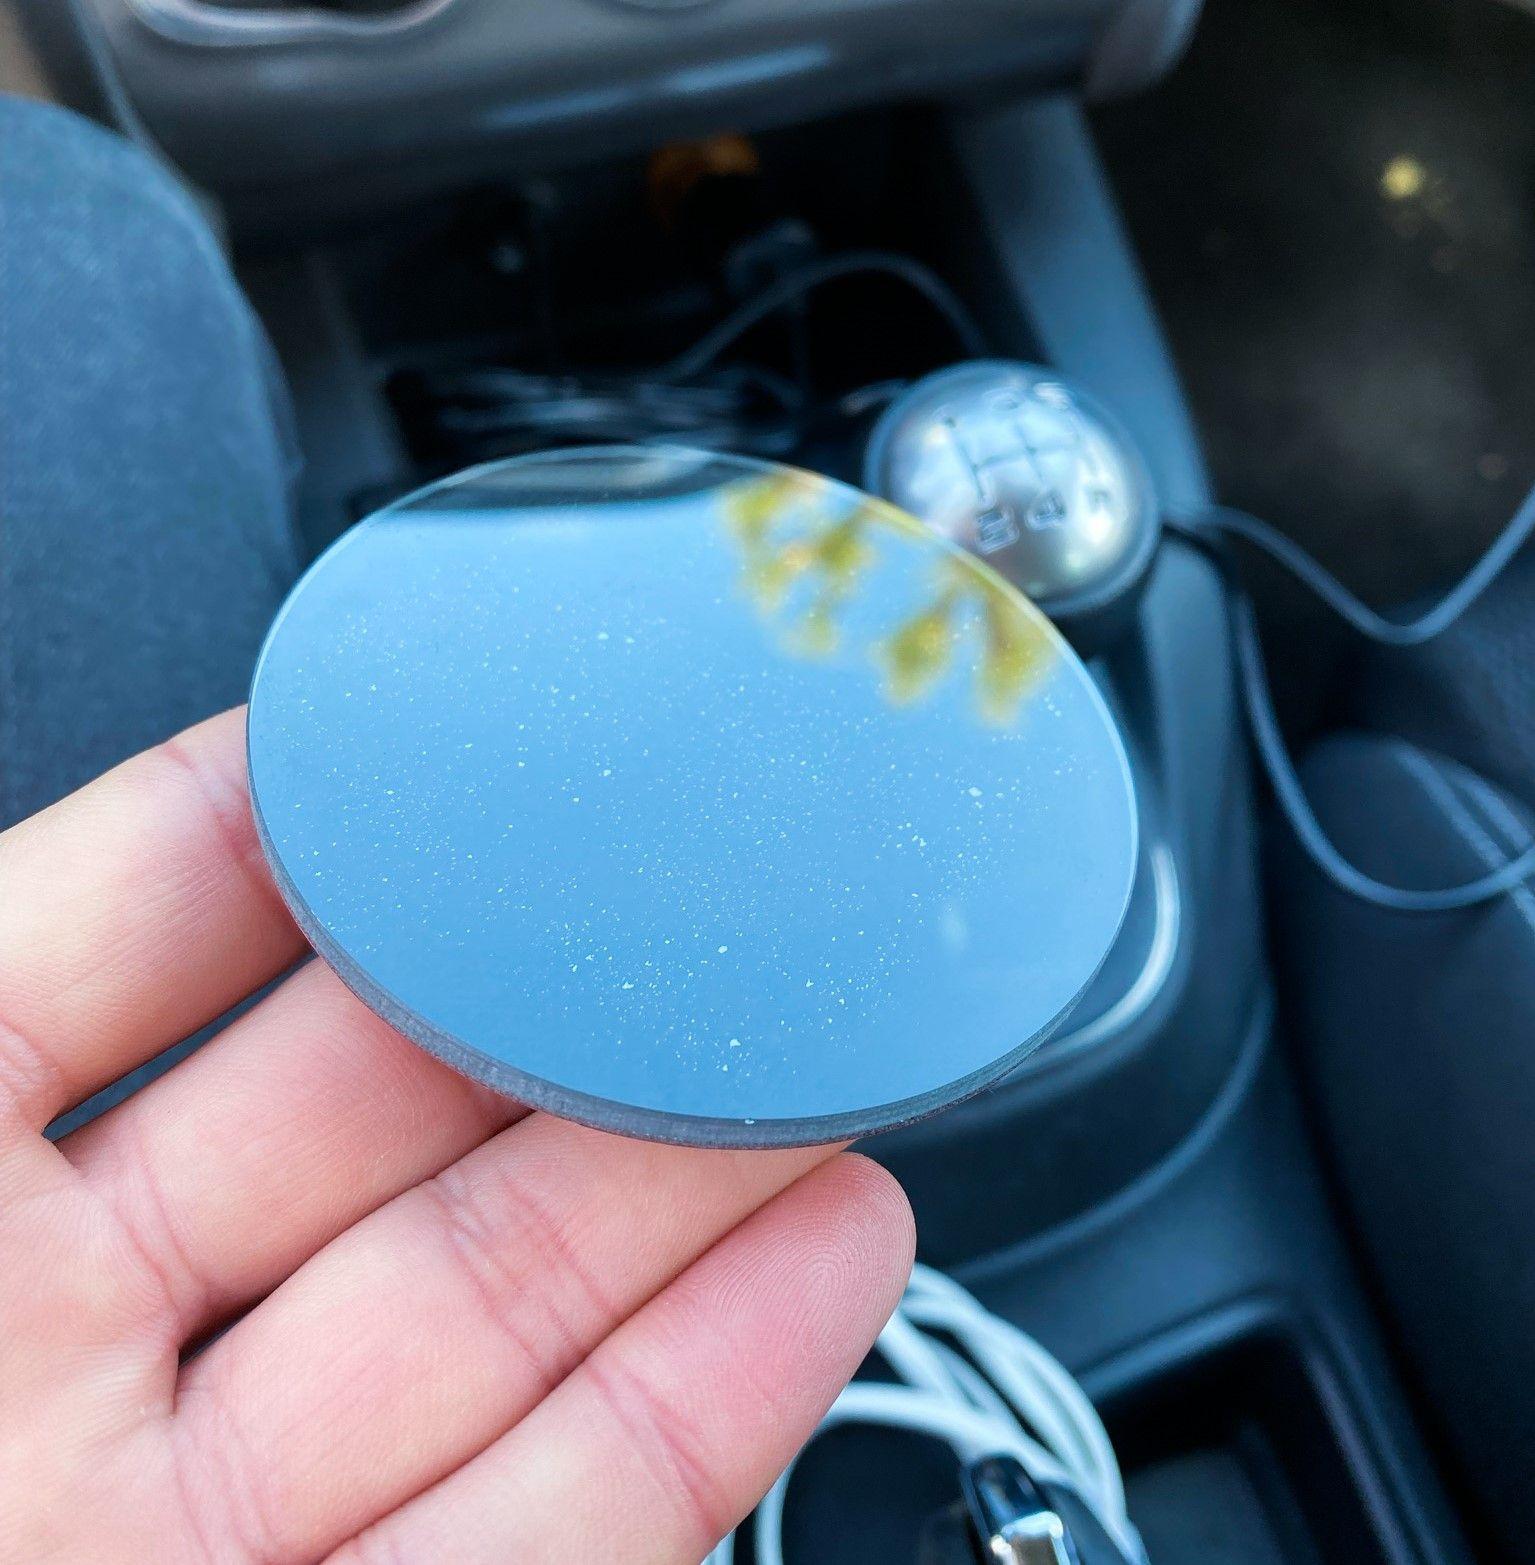 Disco de vidro e esponja para aplicação do Coral Vision CarPlay no tablier